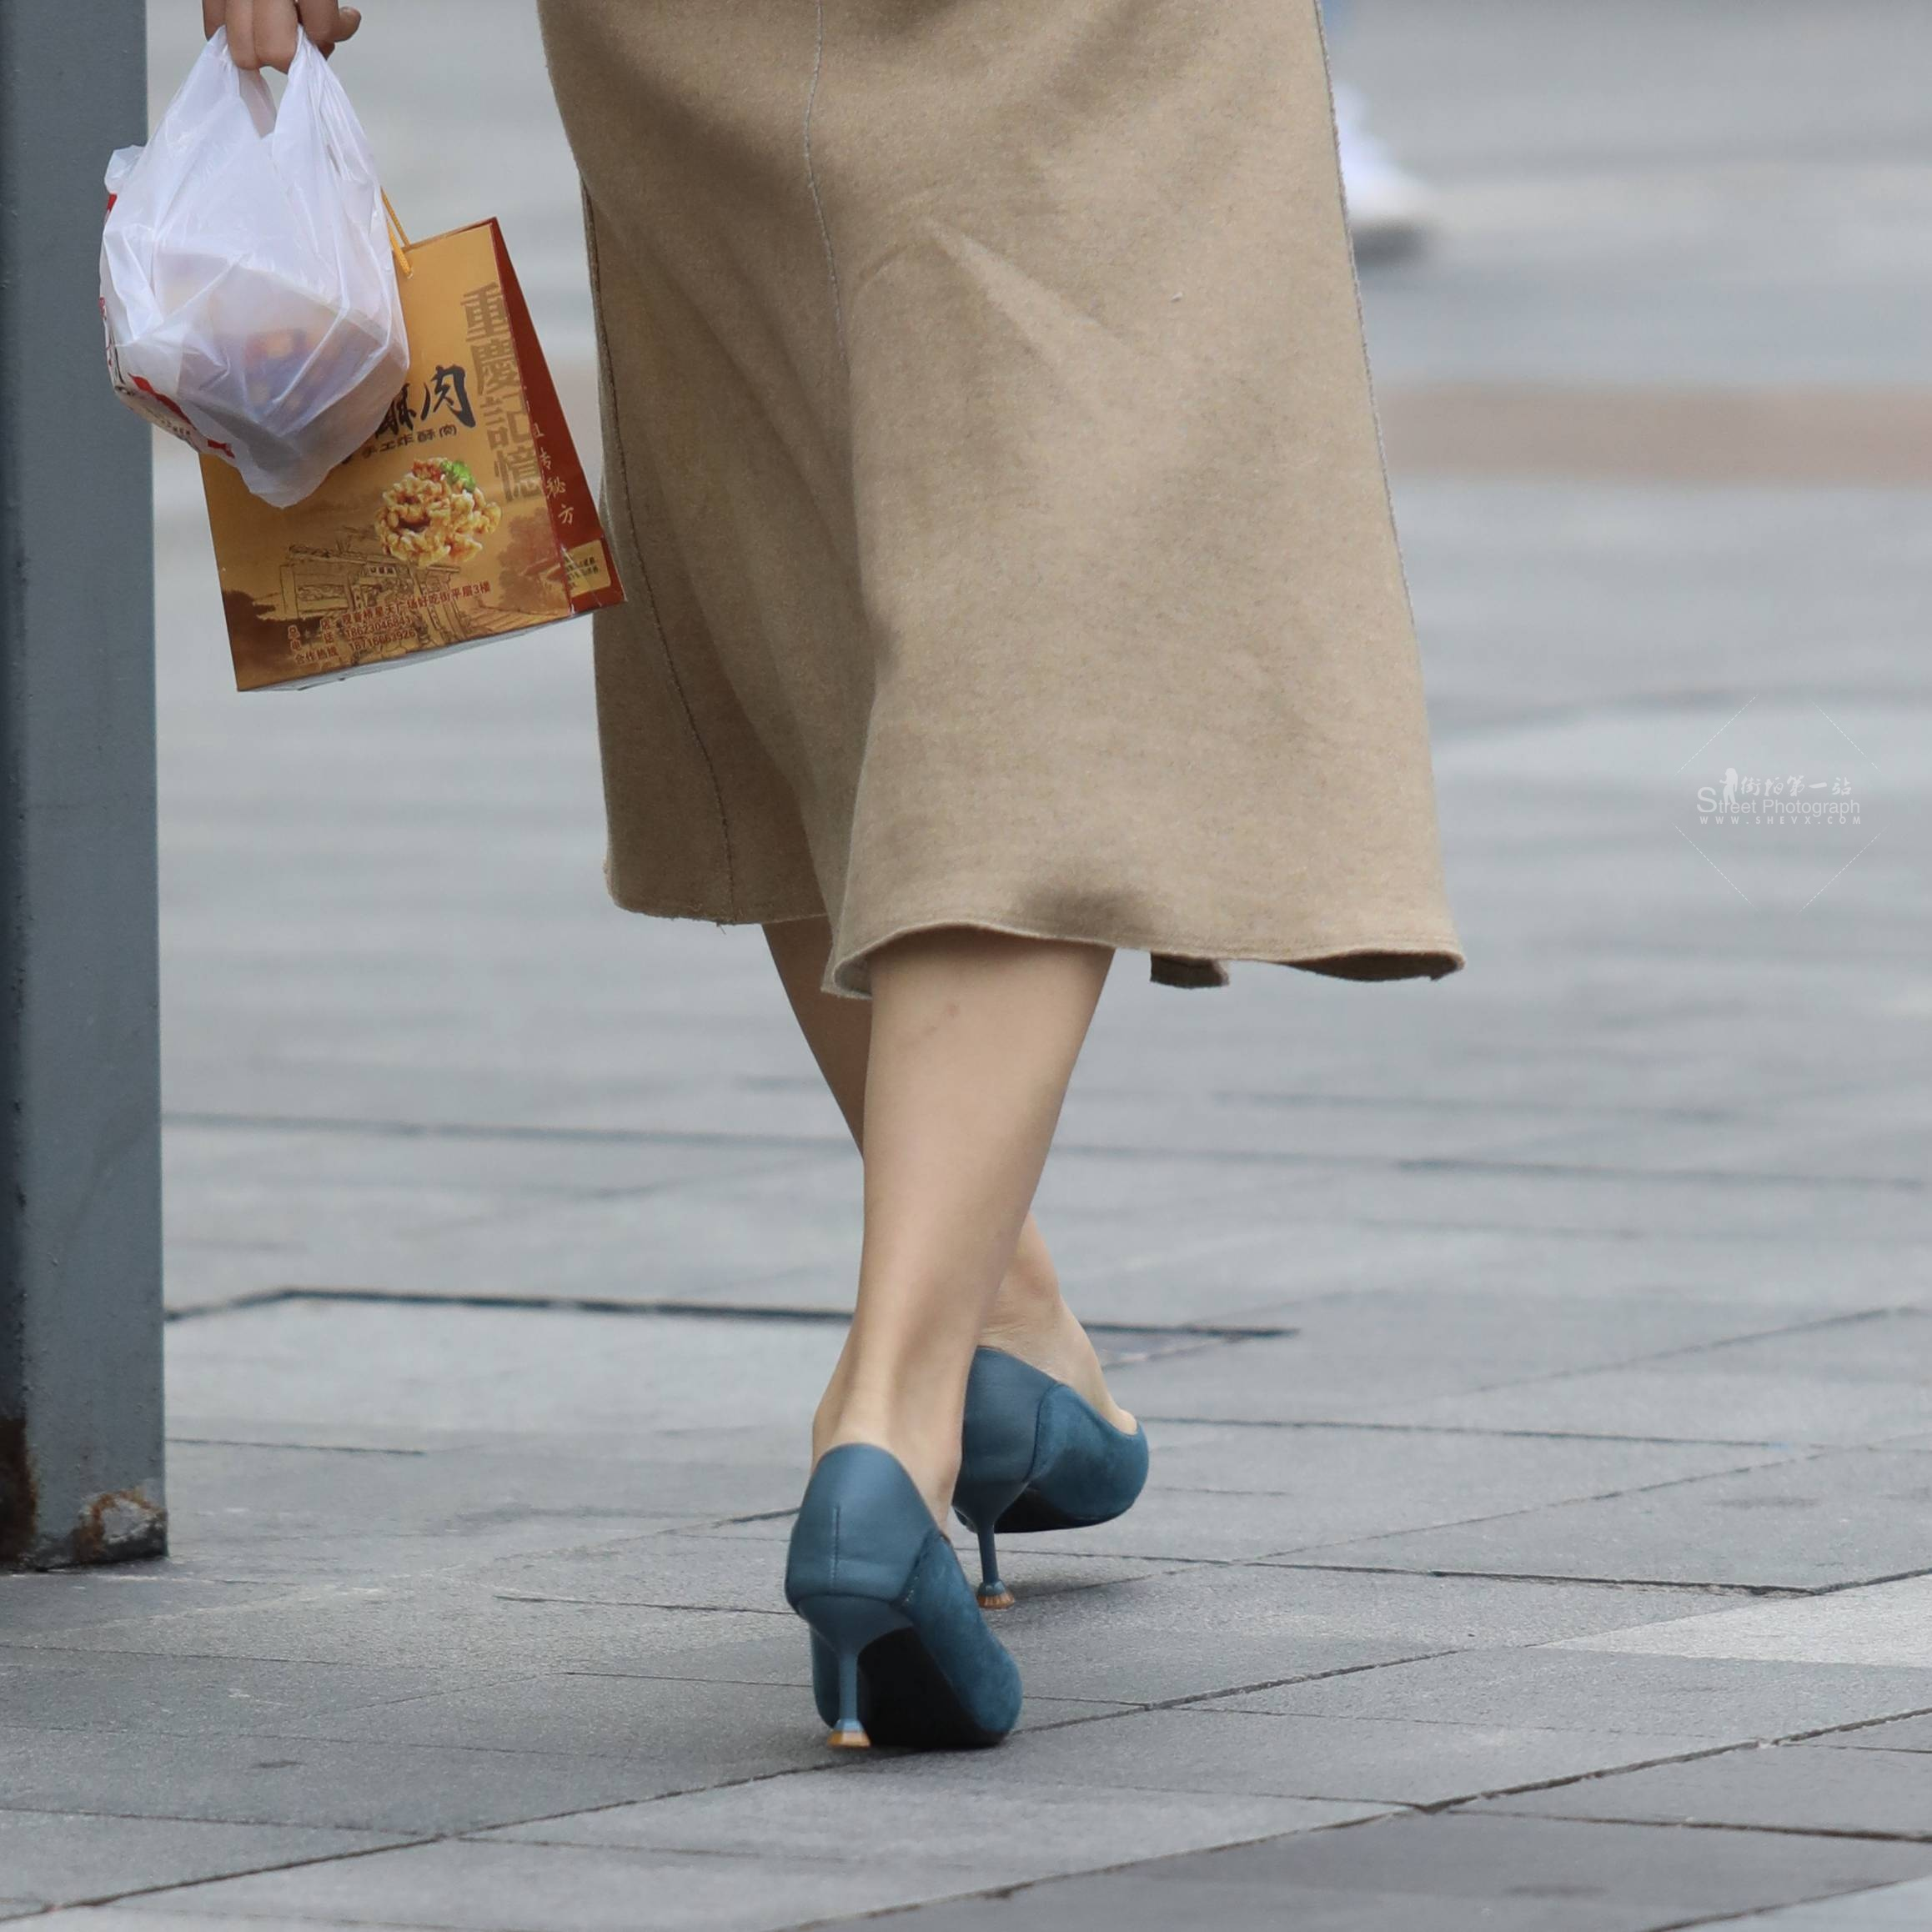 街拍高跟,街拍玉足 【玨一笑而過】玉足 高跟Shao Fu 最新街拍絲襪圖片 街拍絲襪第一站